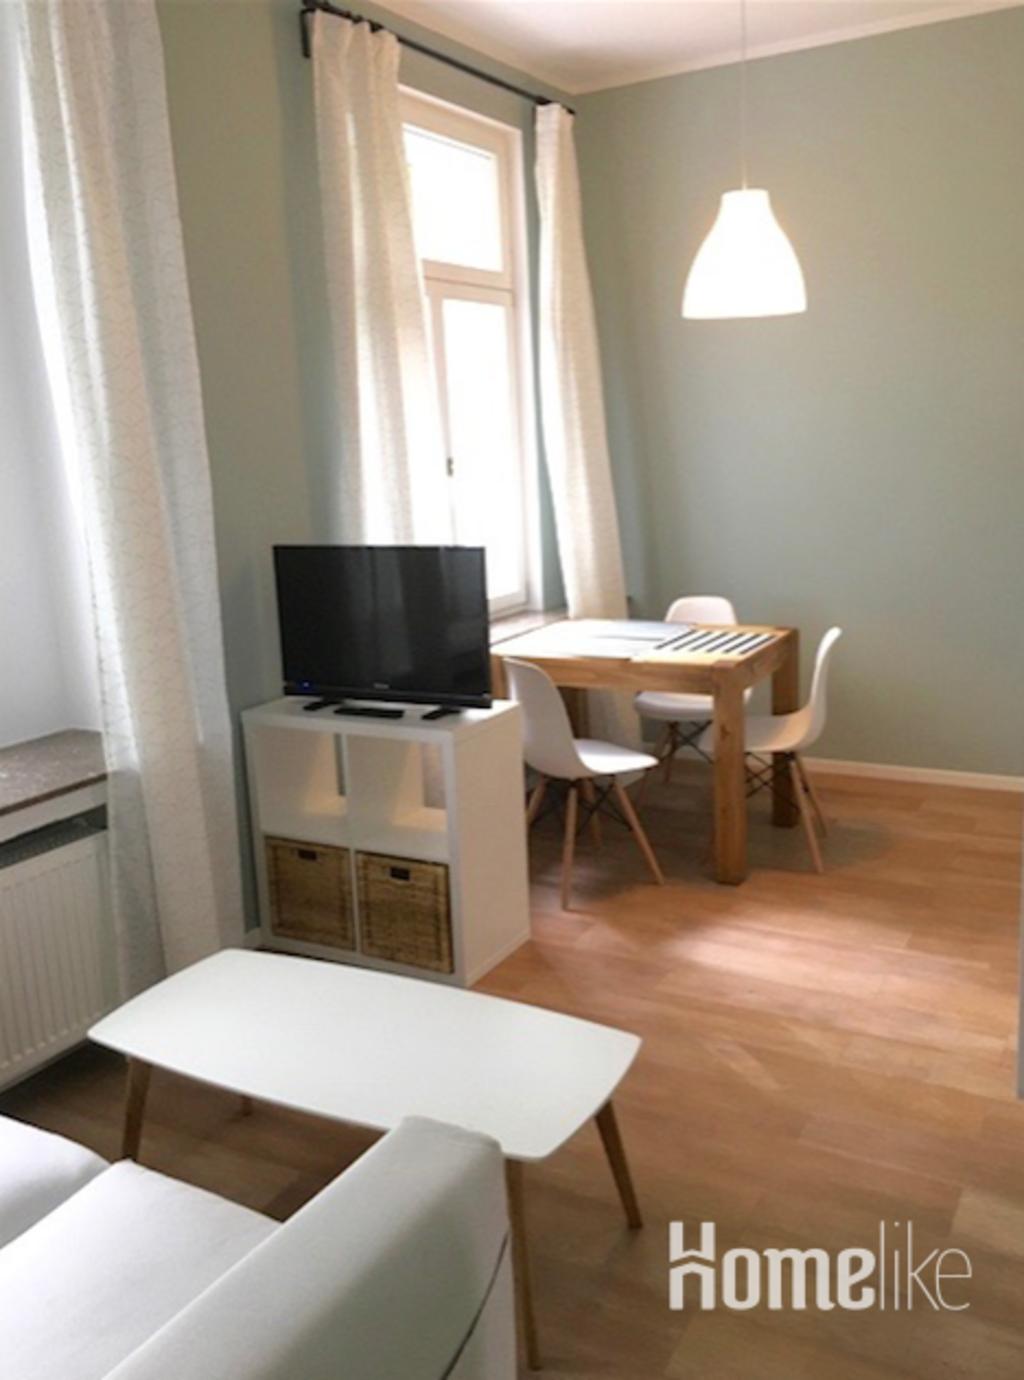 image 3 furnished 1 bedroom Apartment for rent in Bonn, Bonn